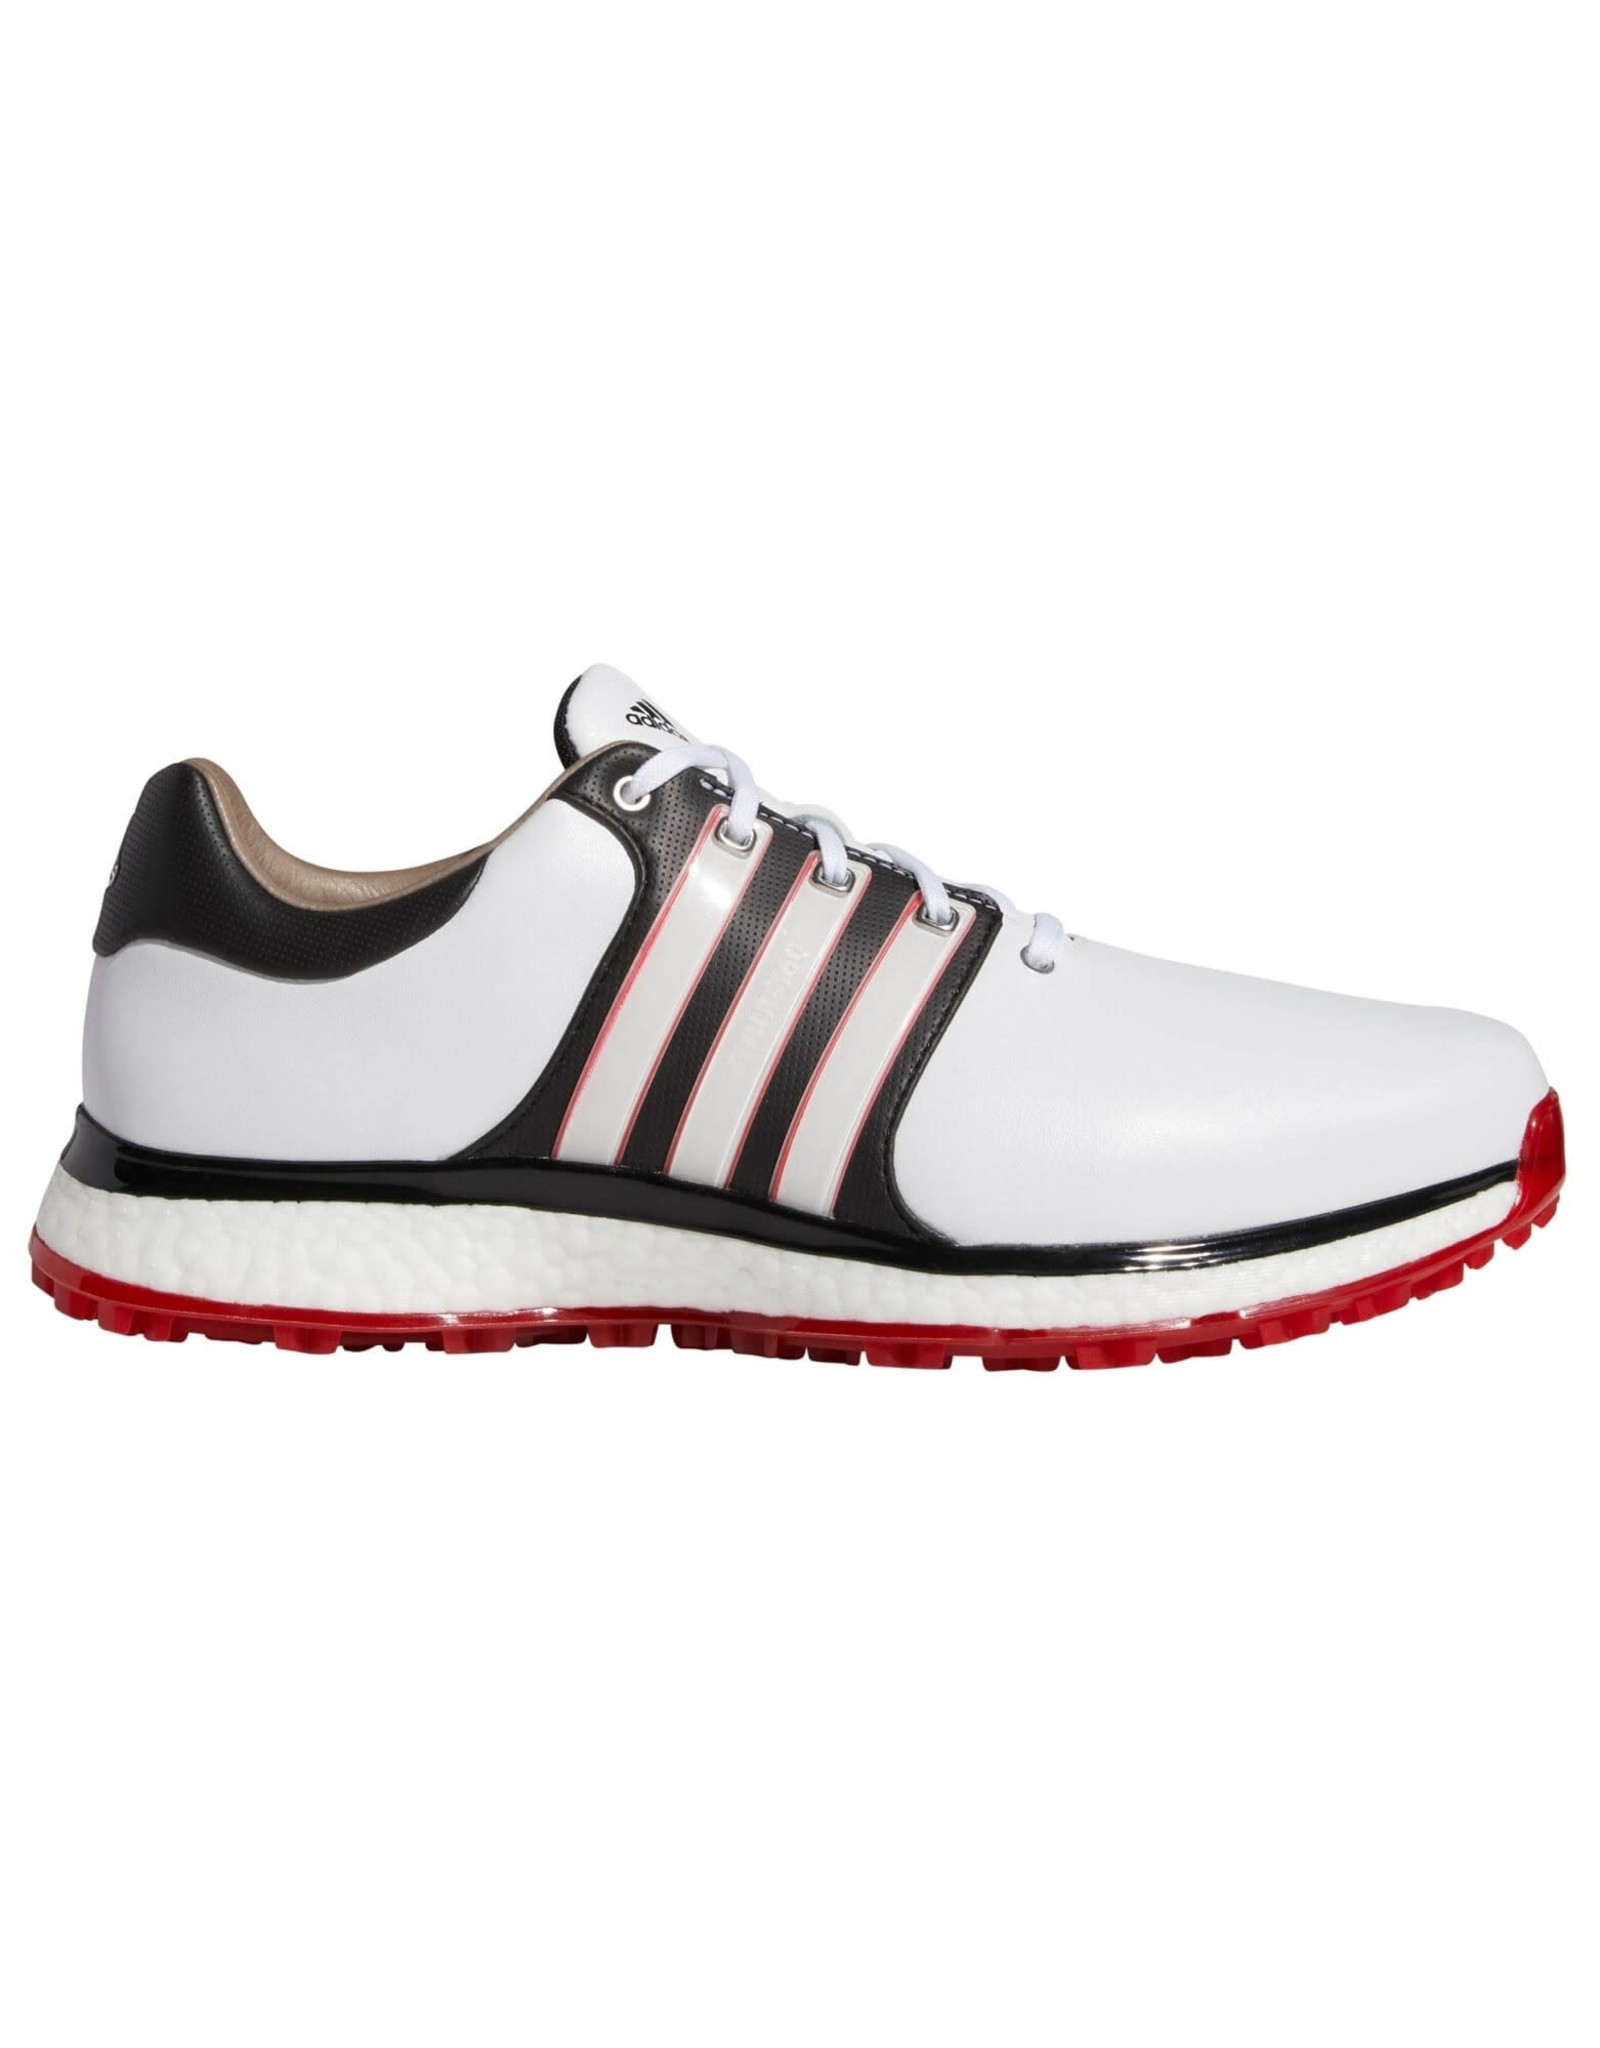 Adidas Adidas Tour 360 Spikeless Shoe